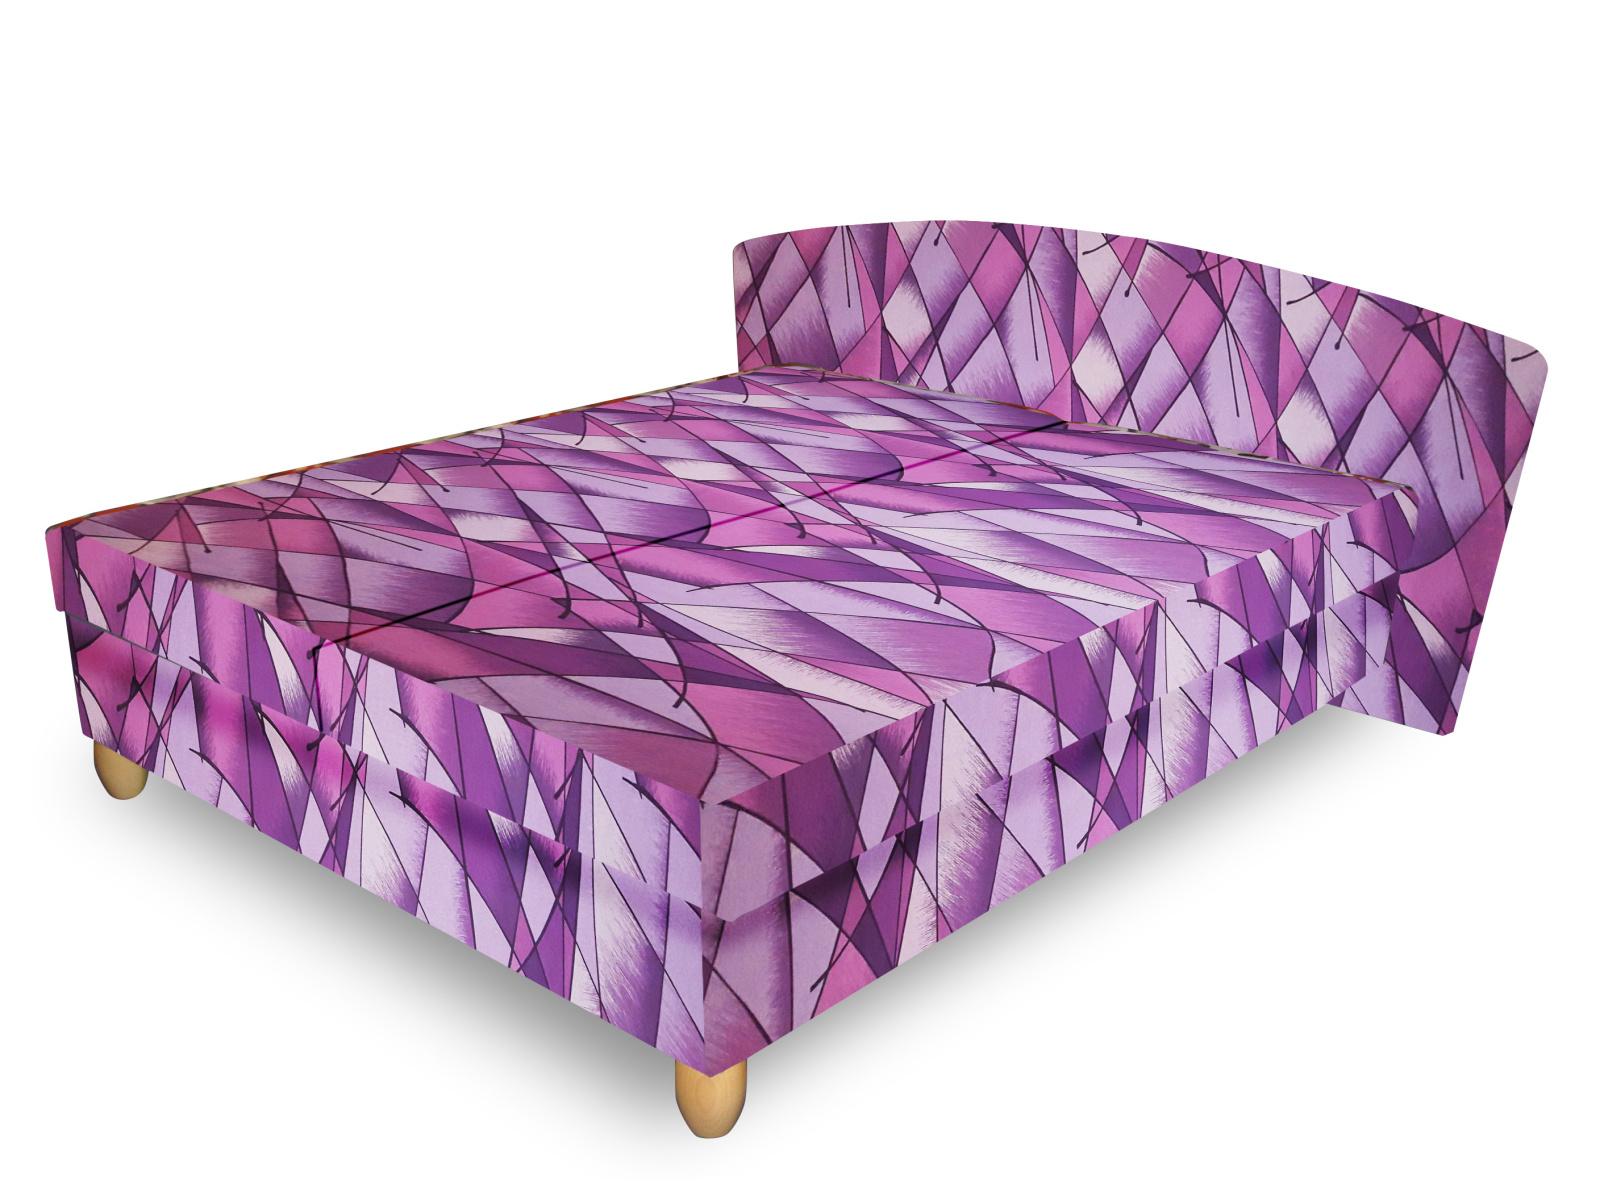 Smartshop Čalouněná postel NICOL 180x200 cm, fialová látka